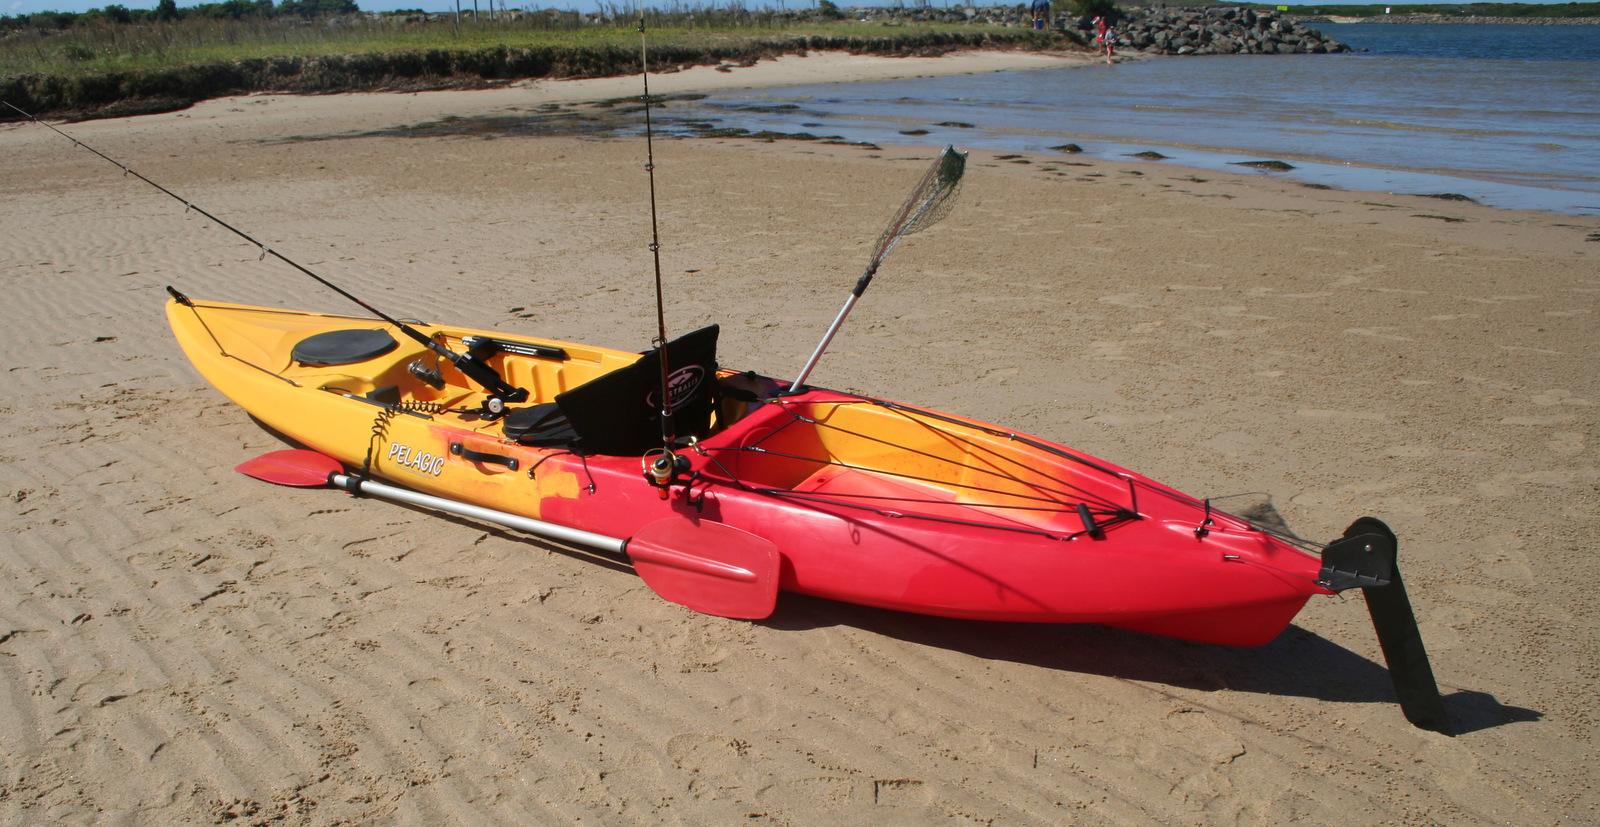 Pelagic sit on top fishing kayak with rudder made in for Sit on fishing kayak